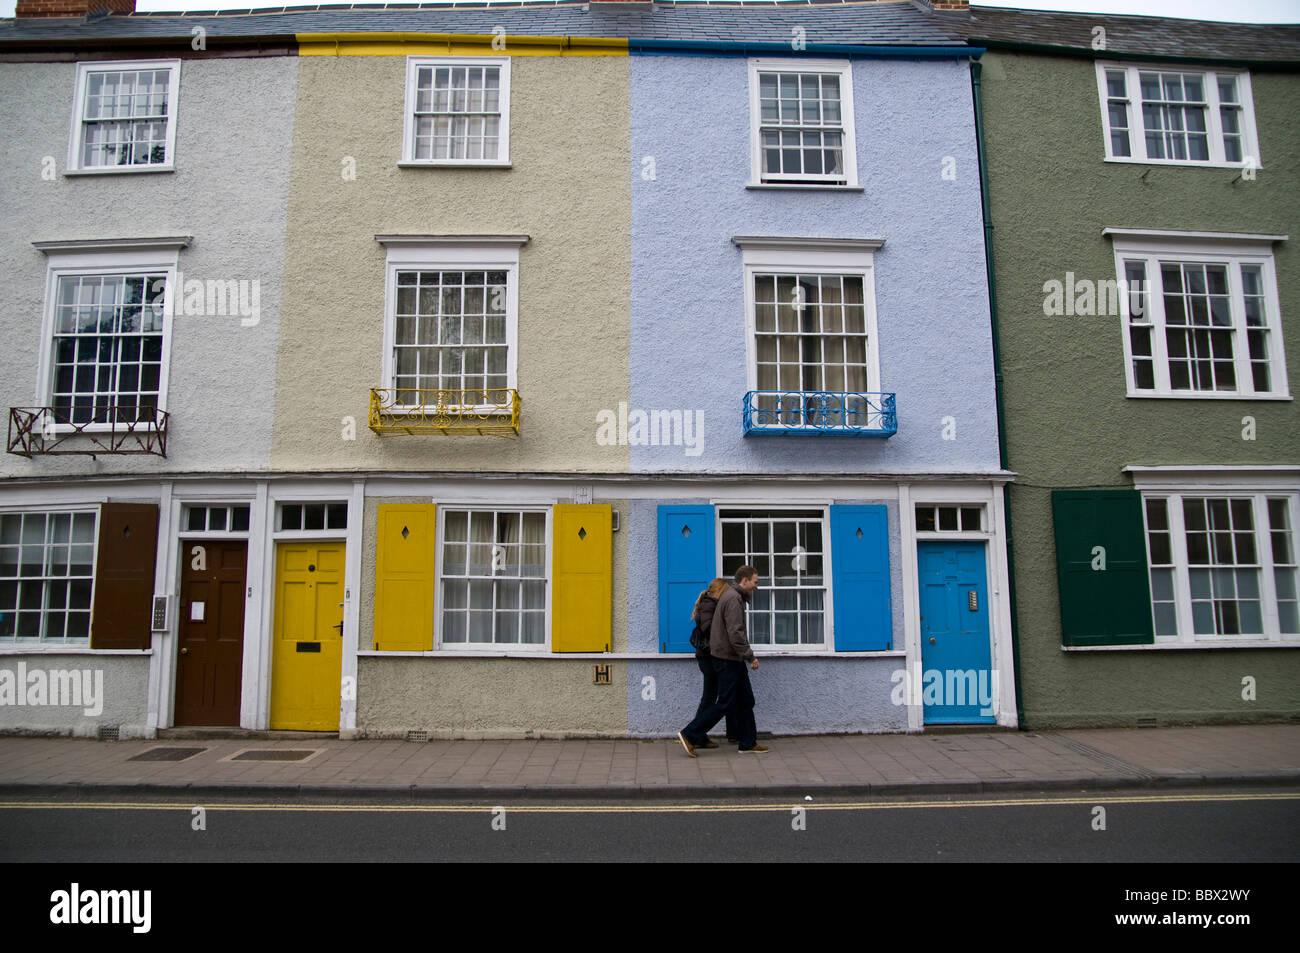 oxford reihenhaus h user mit hellen gelben und blauen t ren und fensterl den stockfoto bild. Black Bedroom Furniture Sets. Home Design Ideas